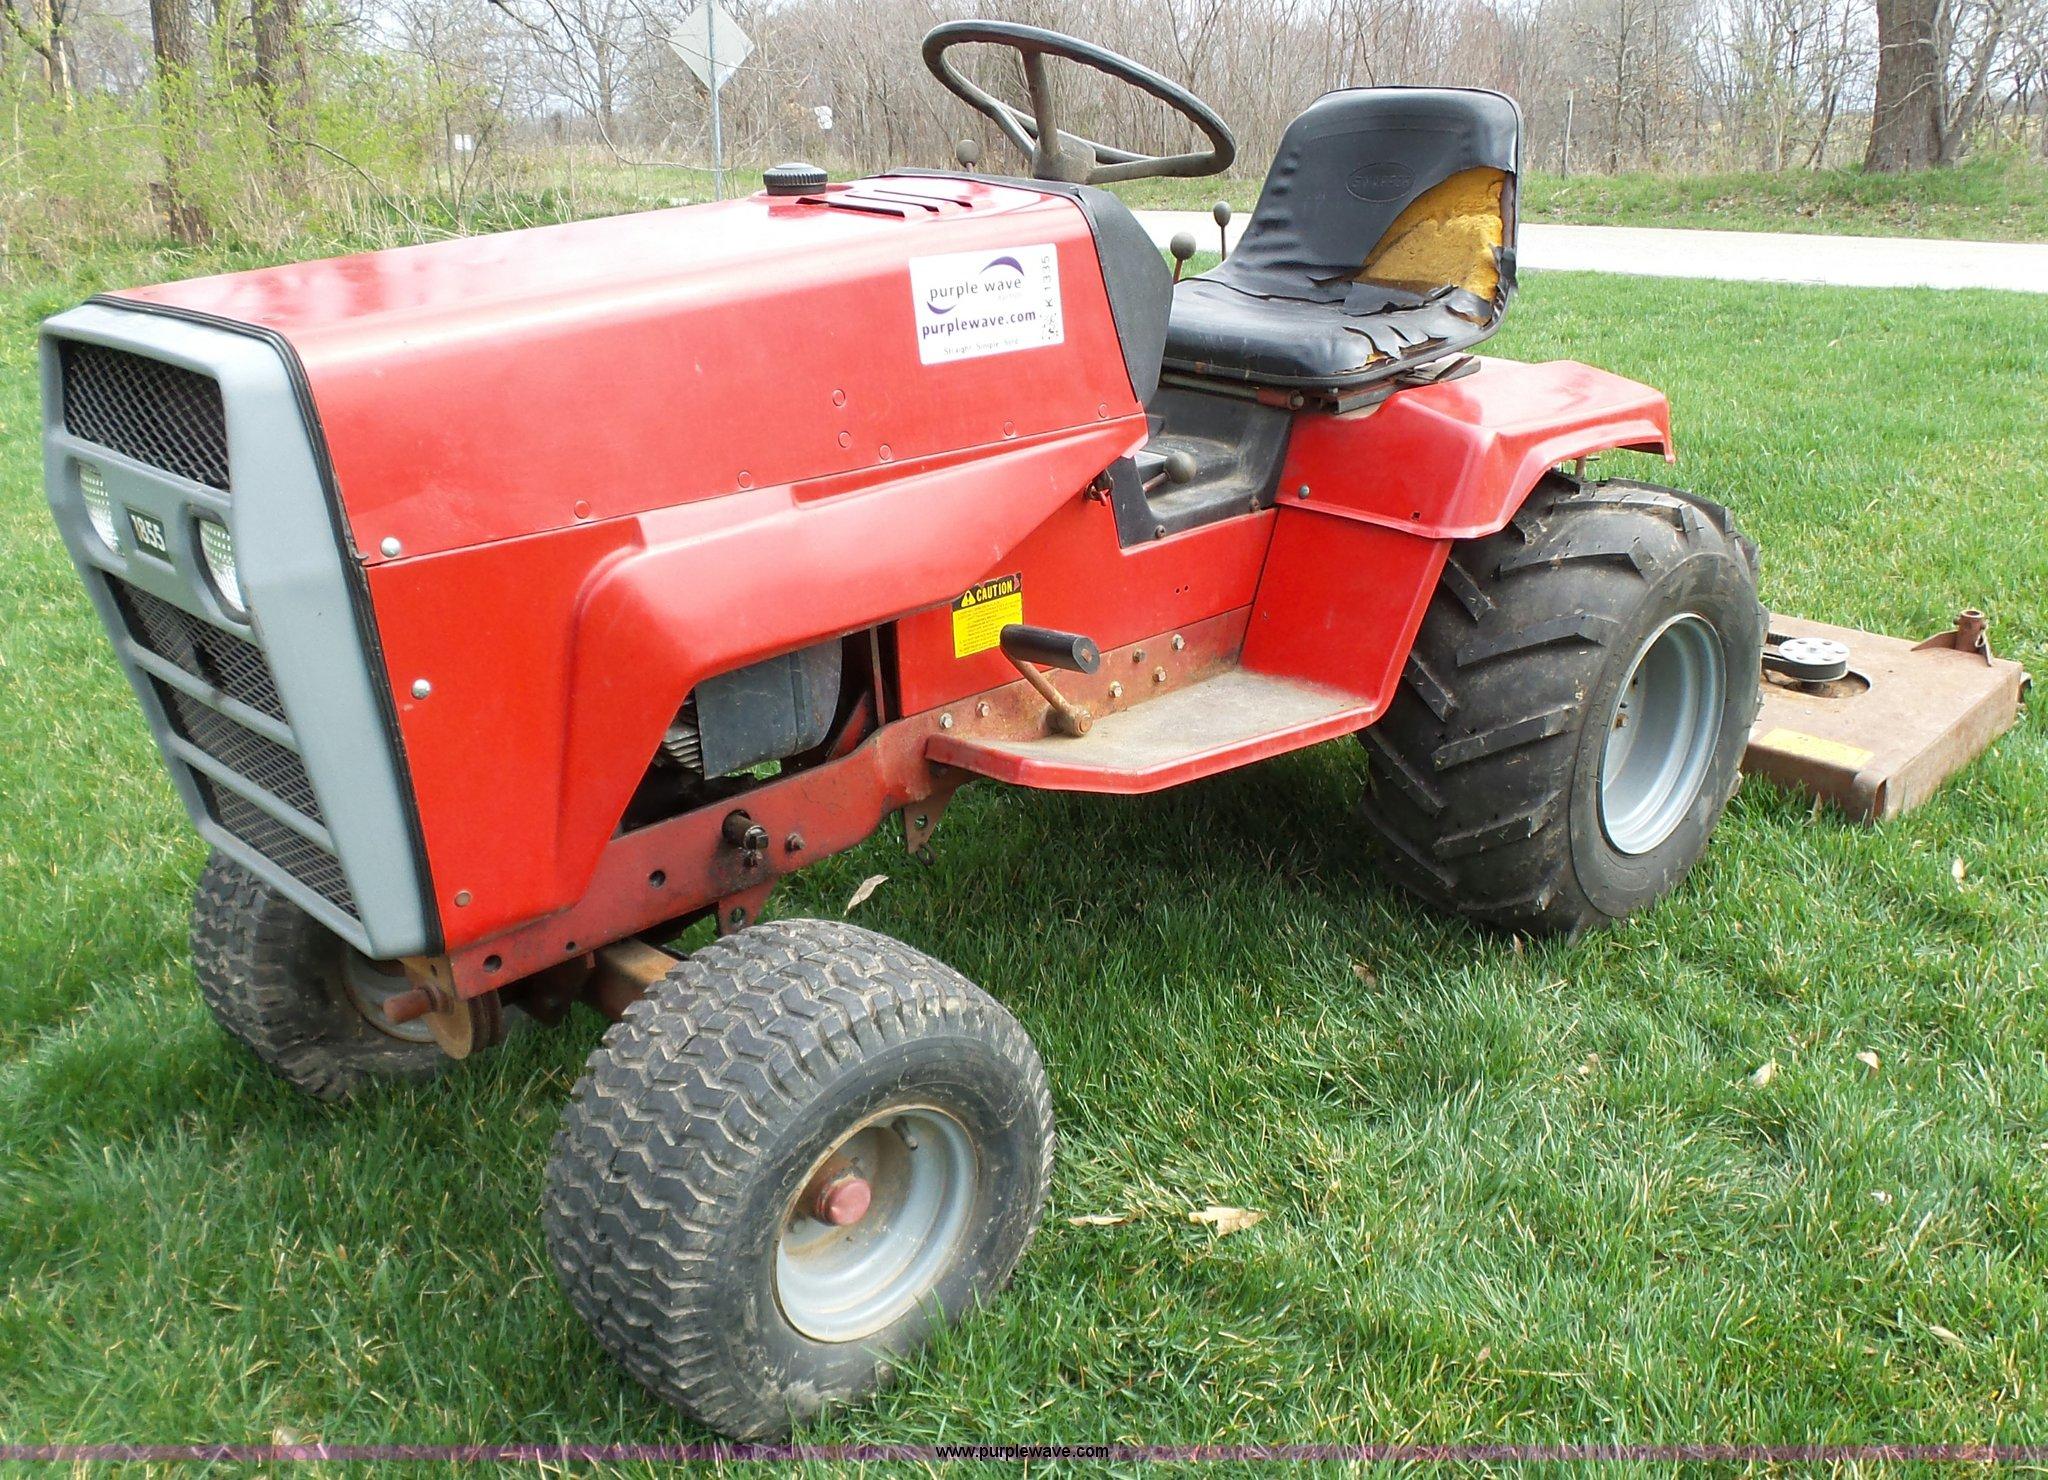 K1335 image for item K1335 Snapper Massey-Ferguson 1855 lawn mower